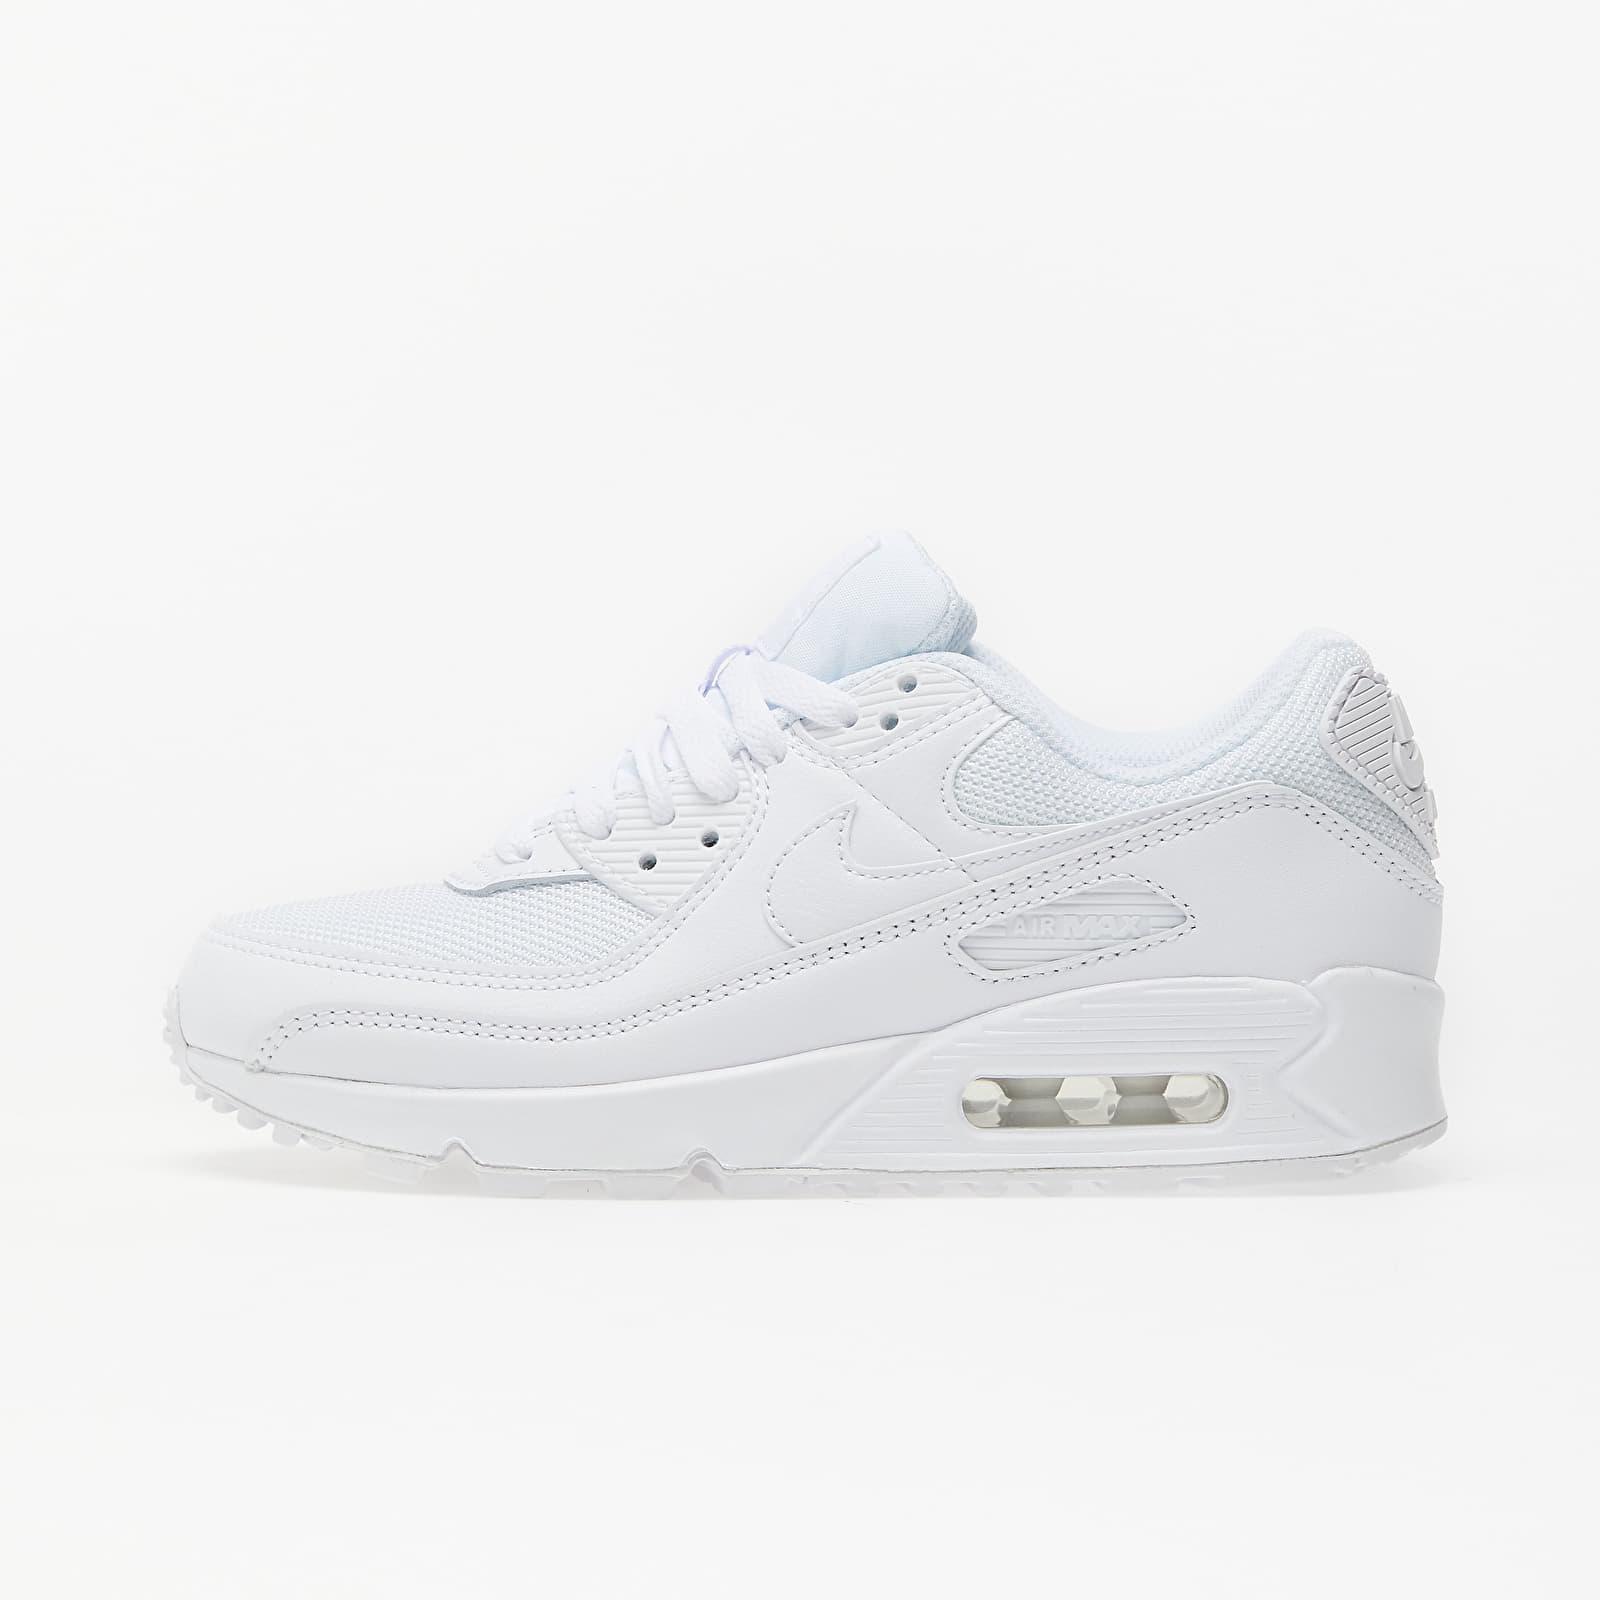 Încălțăminte și sneakerși pentru femei Nike W Air Max 90 White/ White-White-Wolf Grey